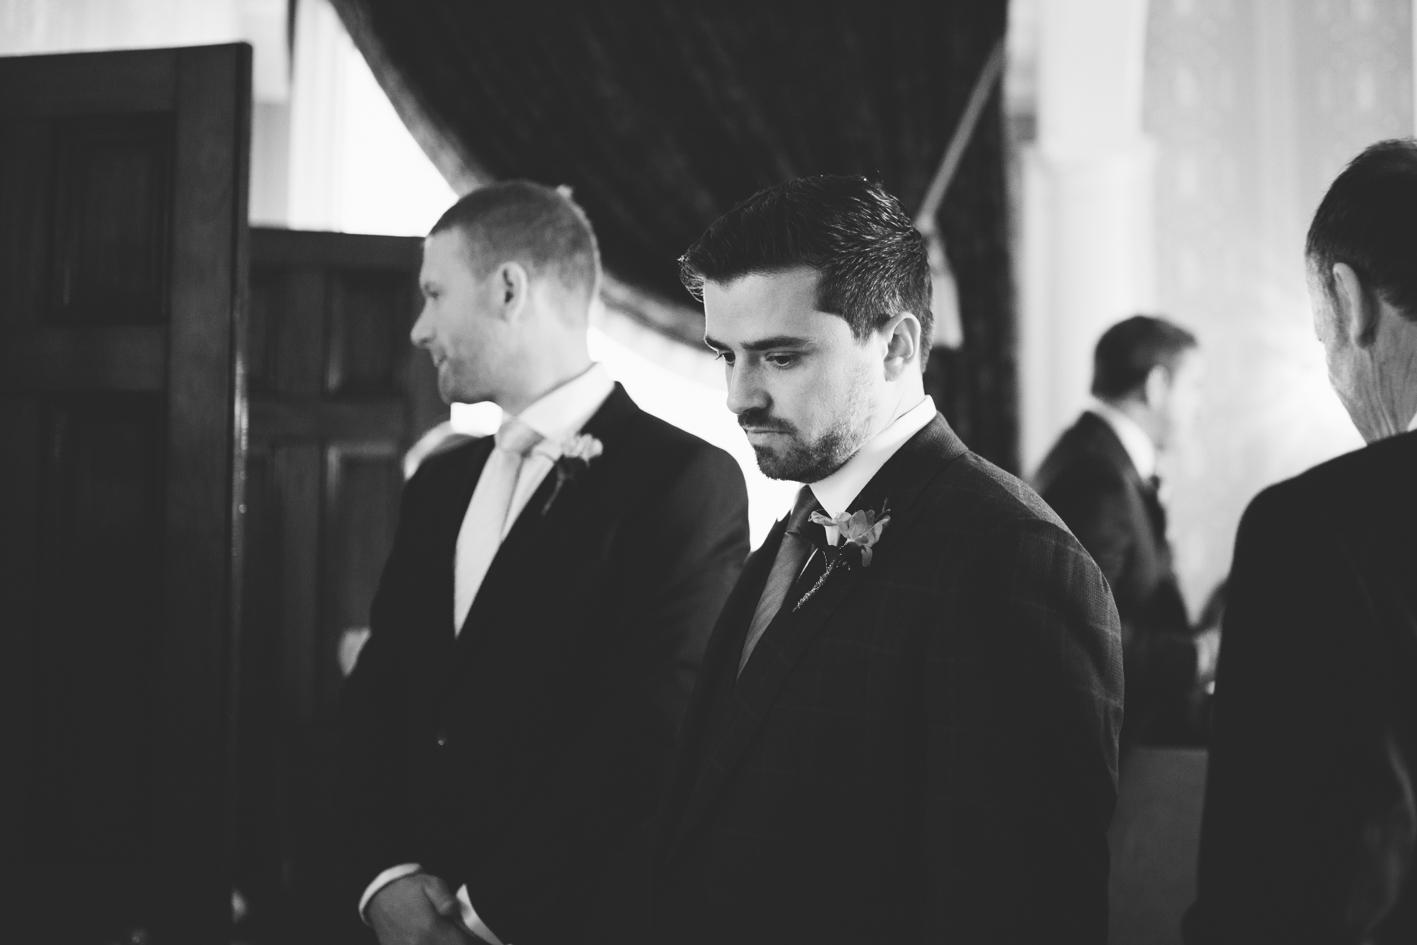 Wedding photographer Ireland Graciela Vilagudin 808.jpg